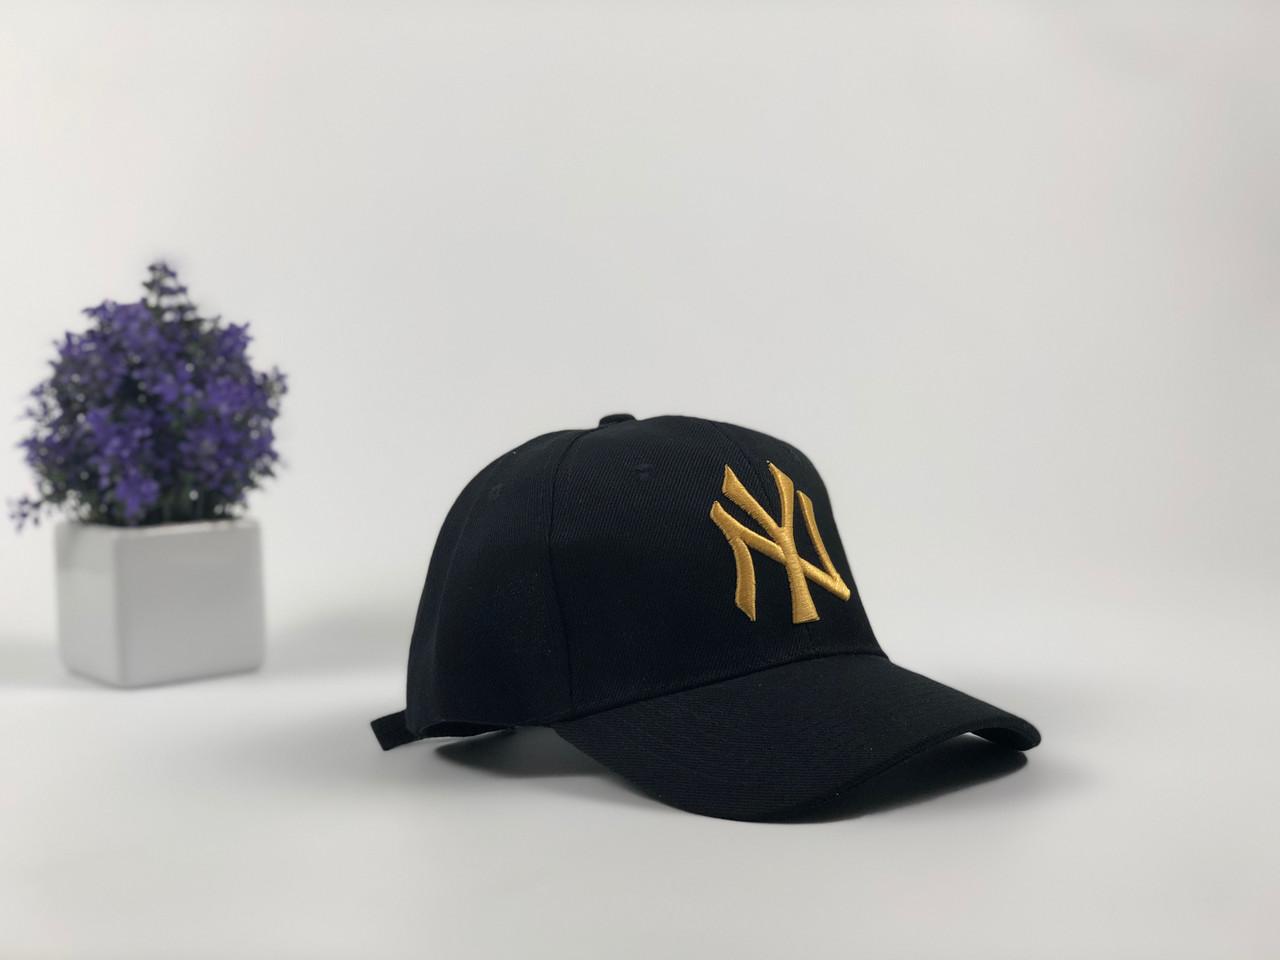 Кепка бейсболка New York Yankees (черная с золотым лого)